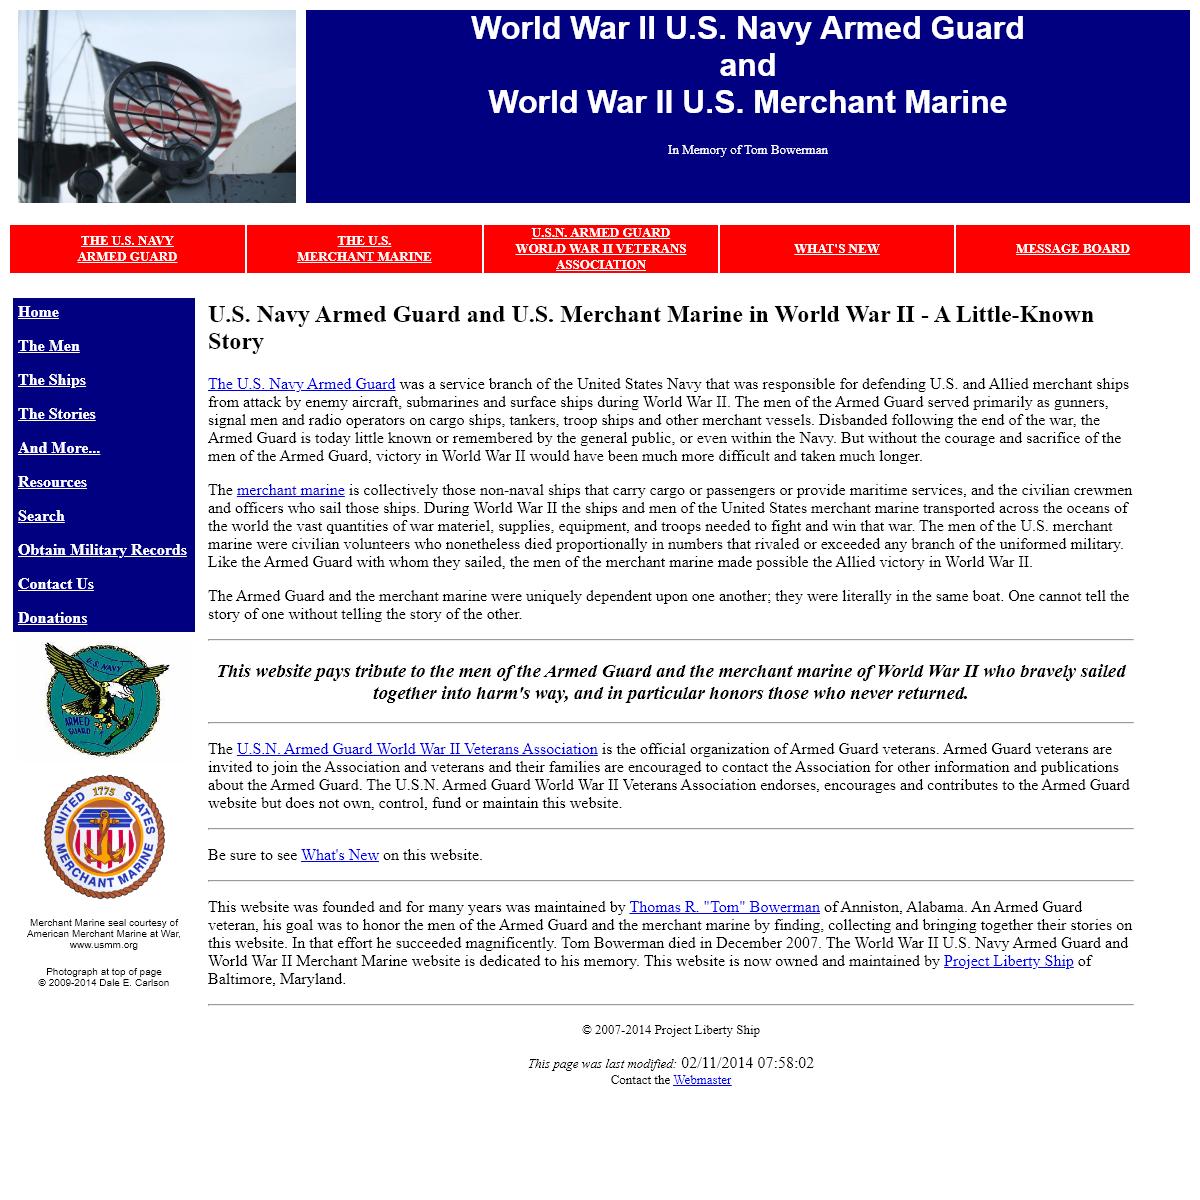 World War II US Navy Armed Guard and World War II US Merchant Marine